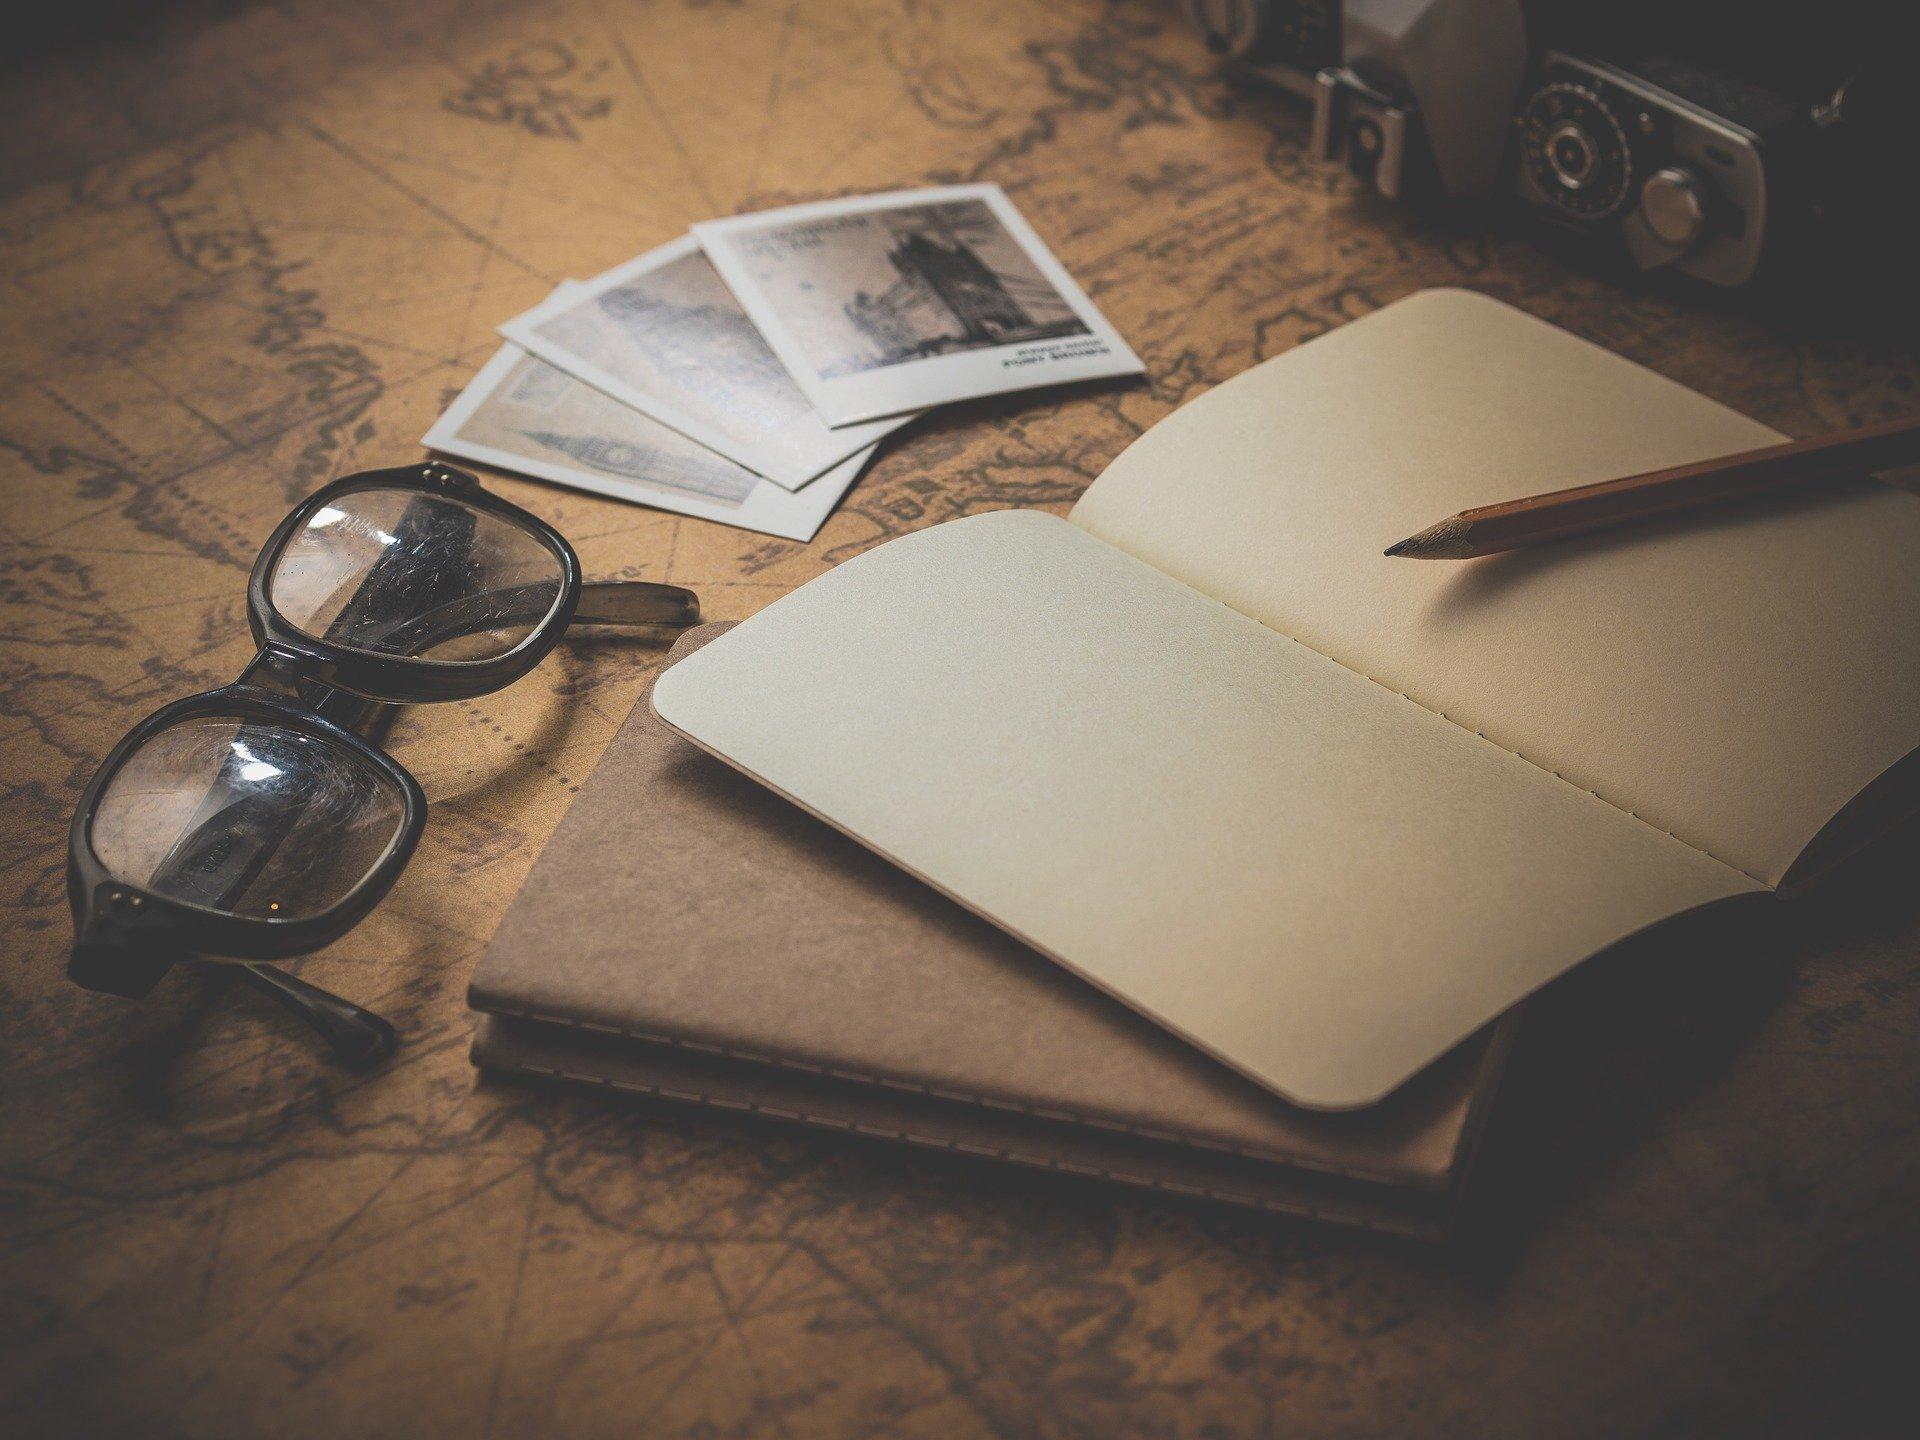 人氣旅遊網紅-想跟著遊記安排行程?看看這些人氣部落客的遊記吧!